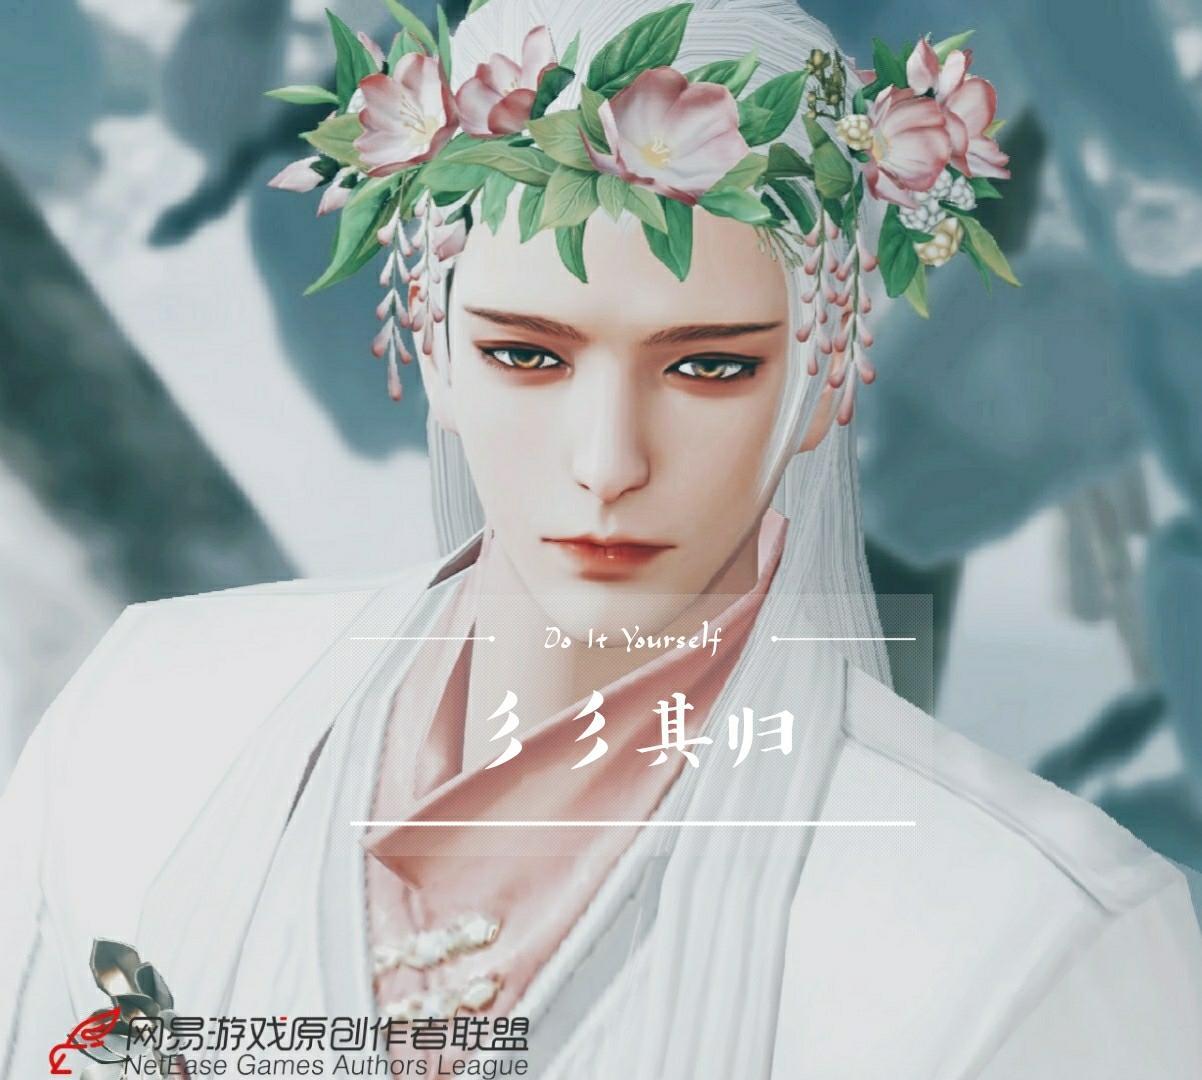 [捏脸名侠]衍初系列·成男·千星(数据分享)